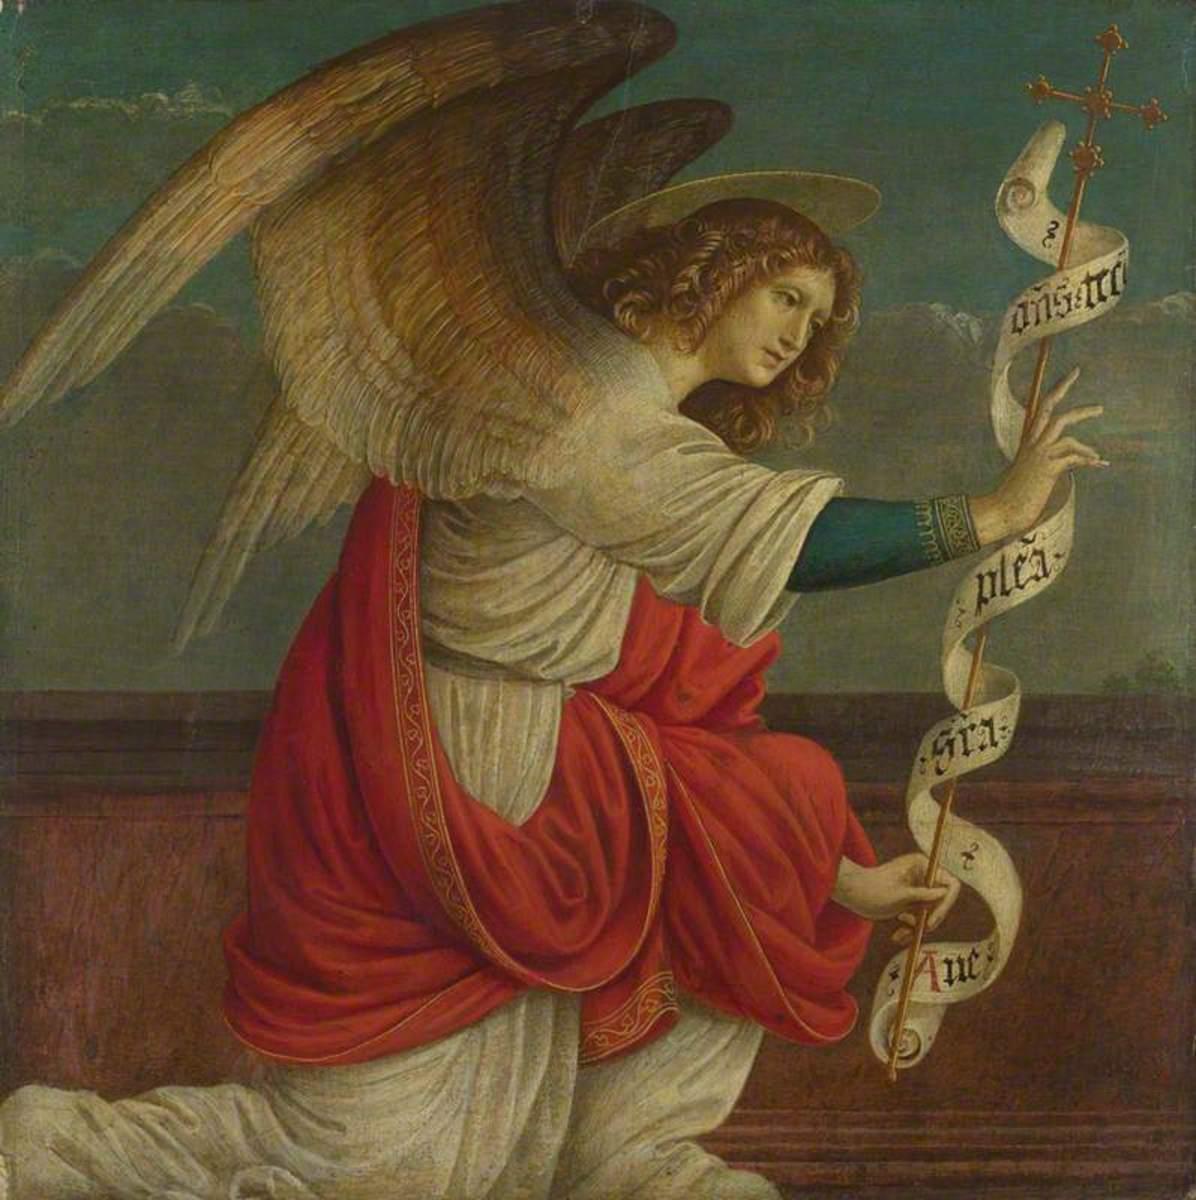 Gaudenzio Ferrari, 1506-1510